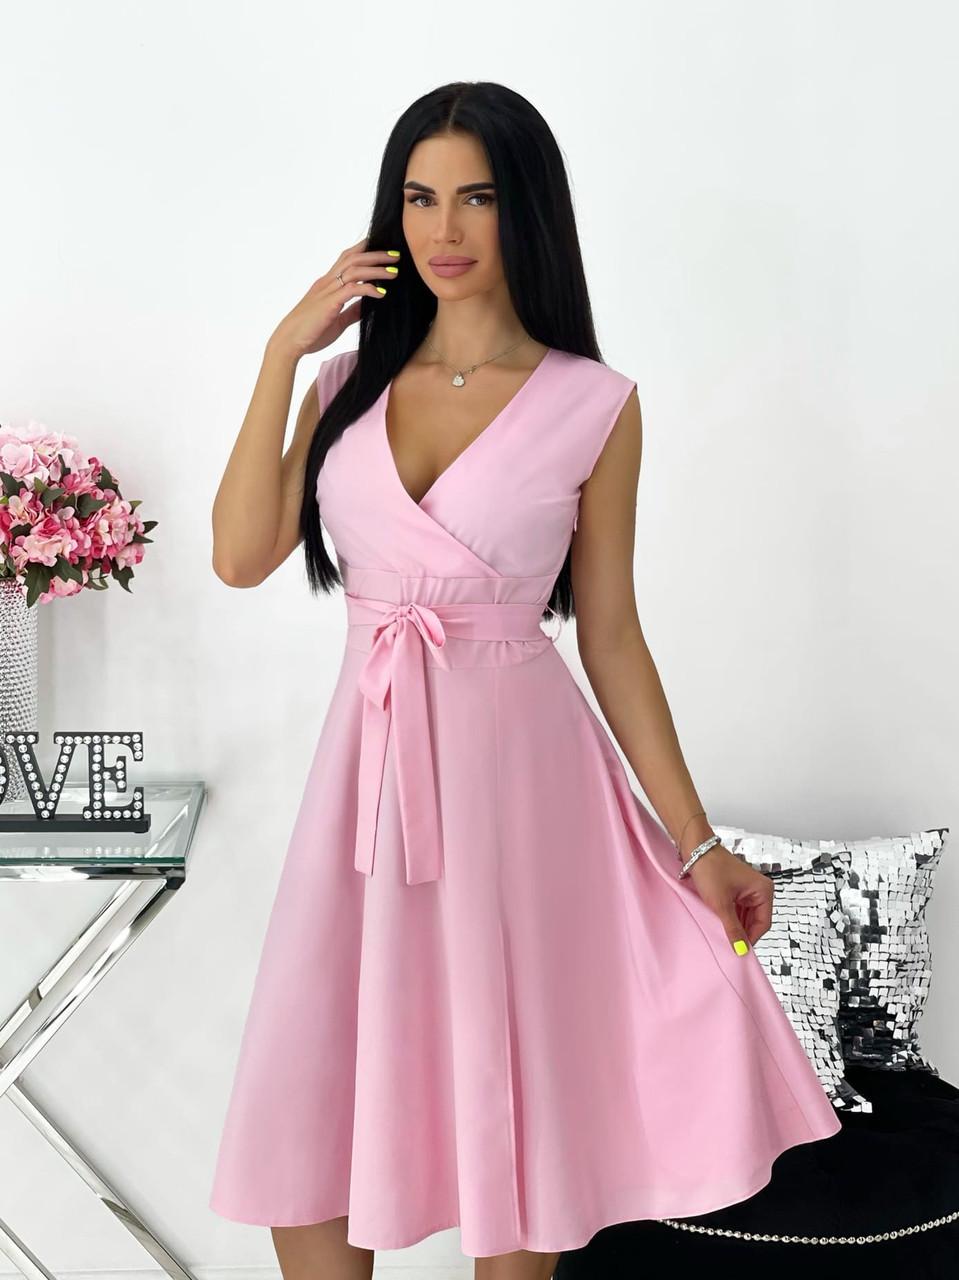 Повседневное яркое летнее платье с юбкой клеш, с небольшим разрезом и красивым декольте